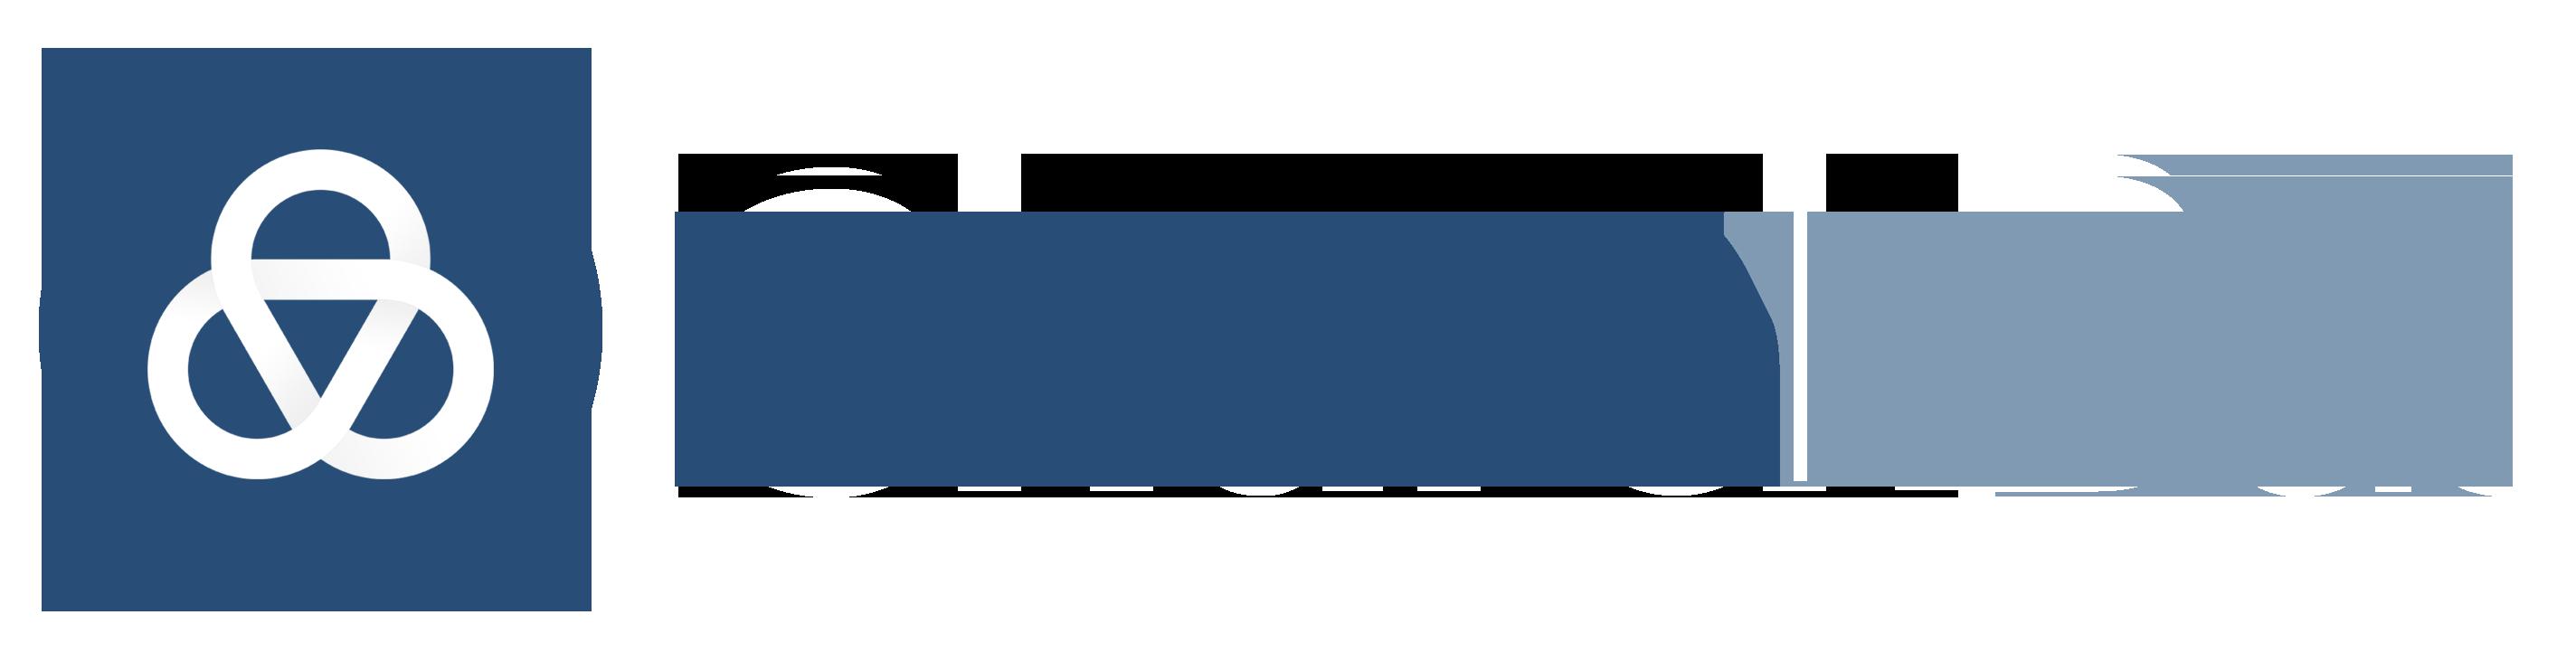 ChurchBase